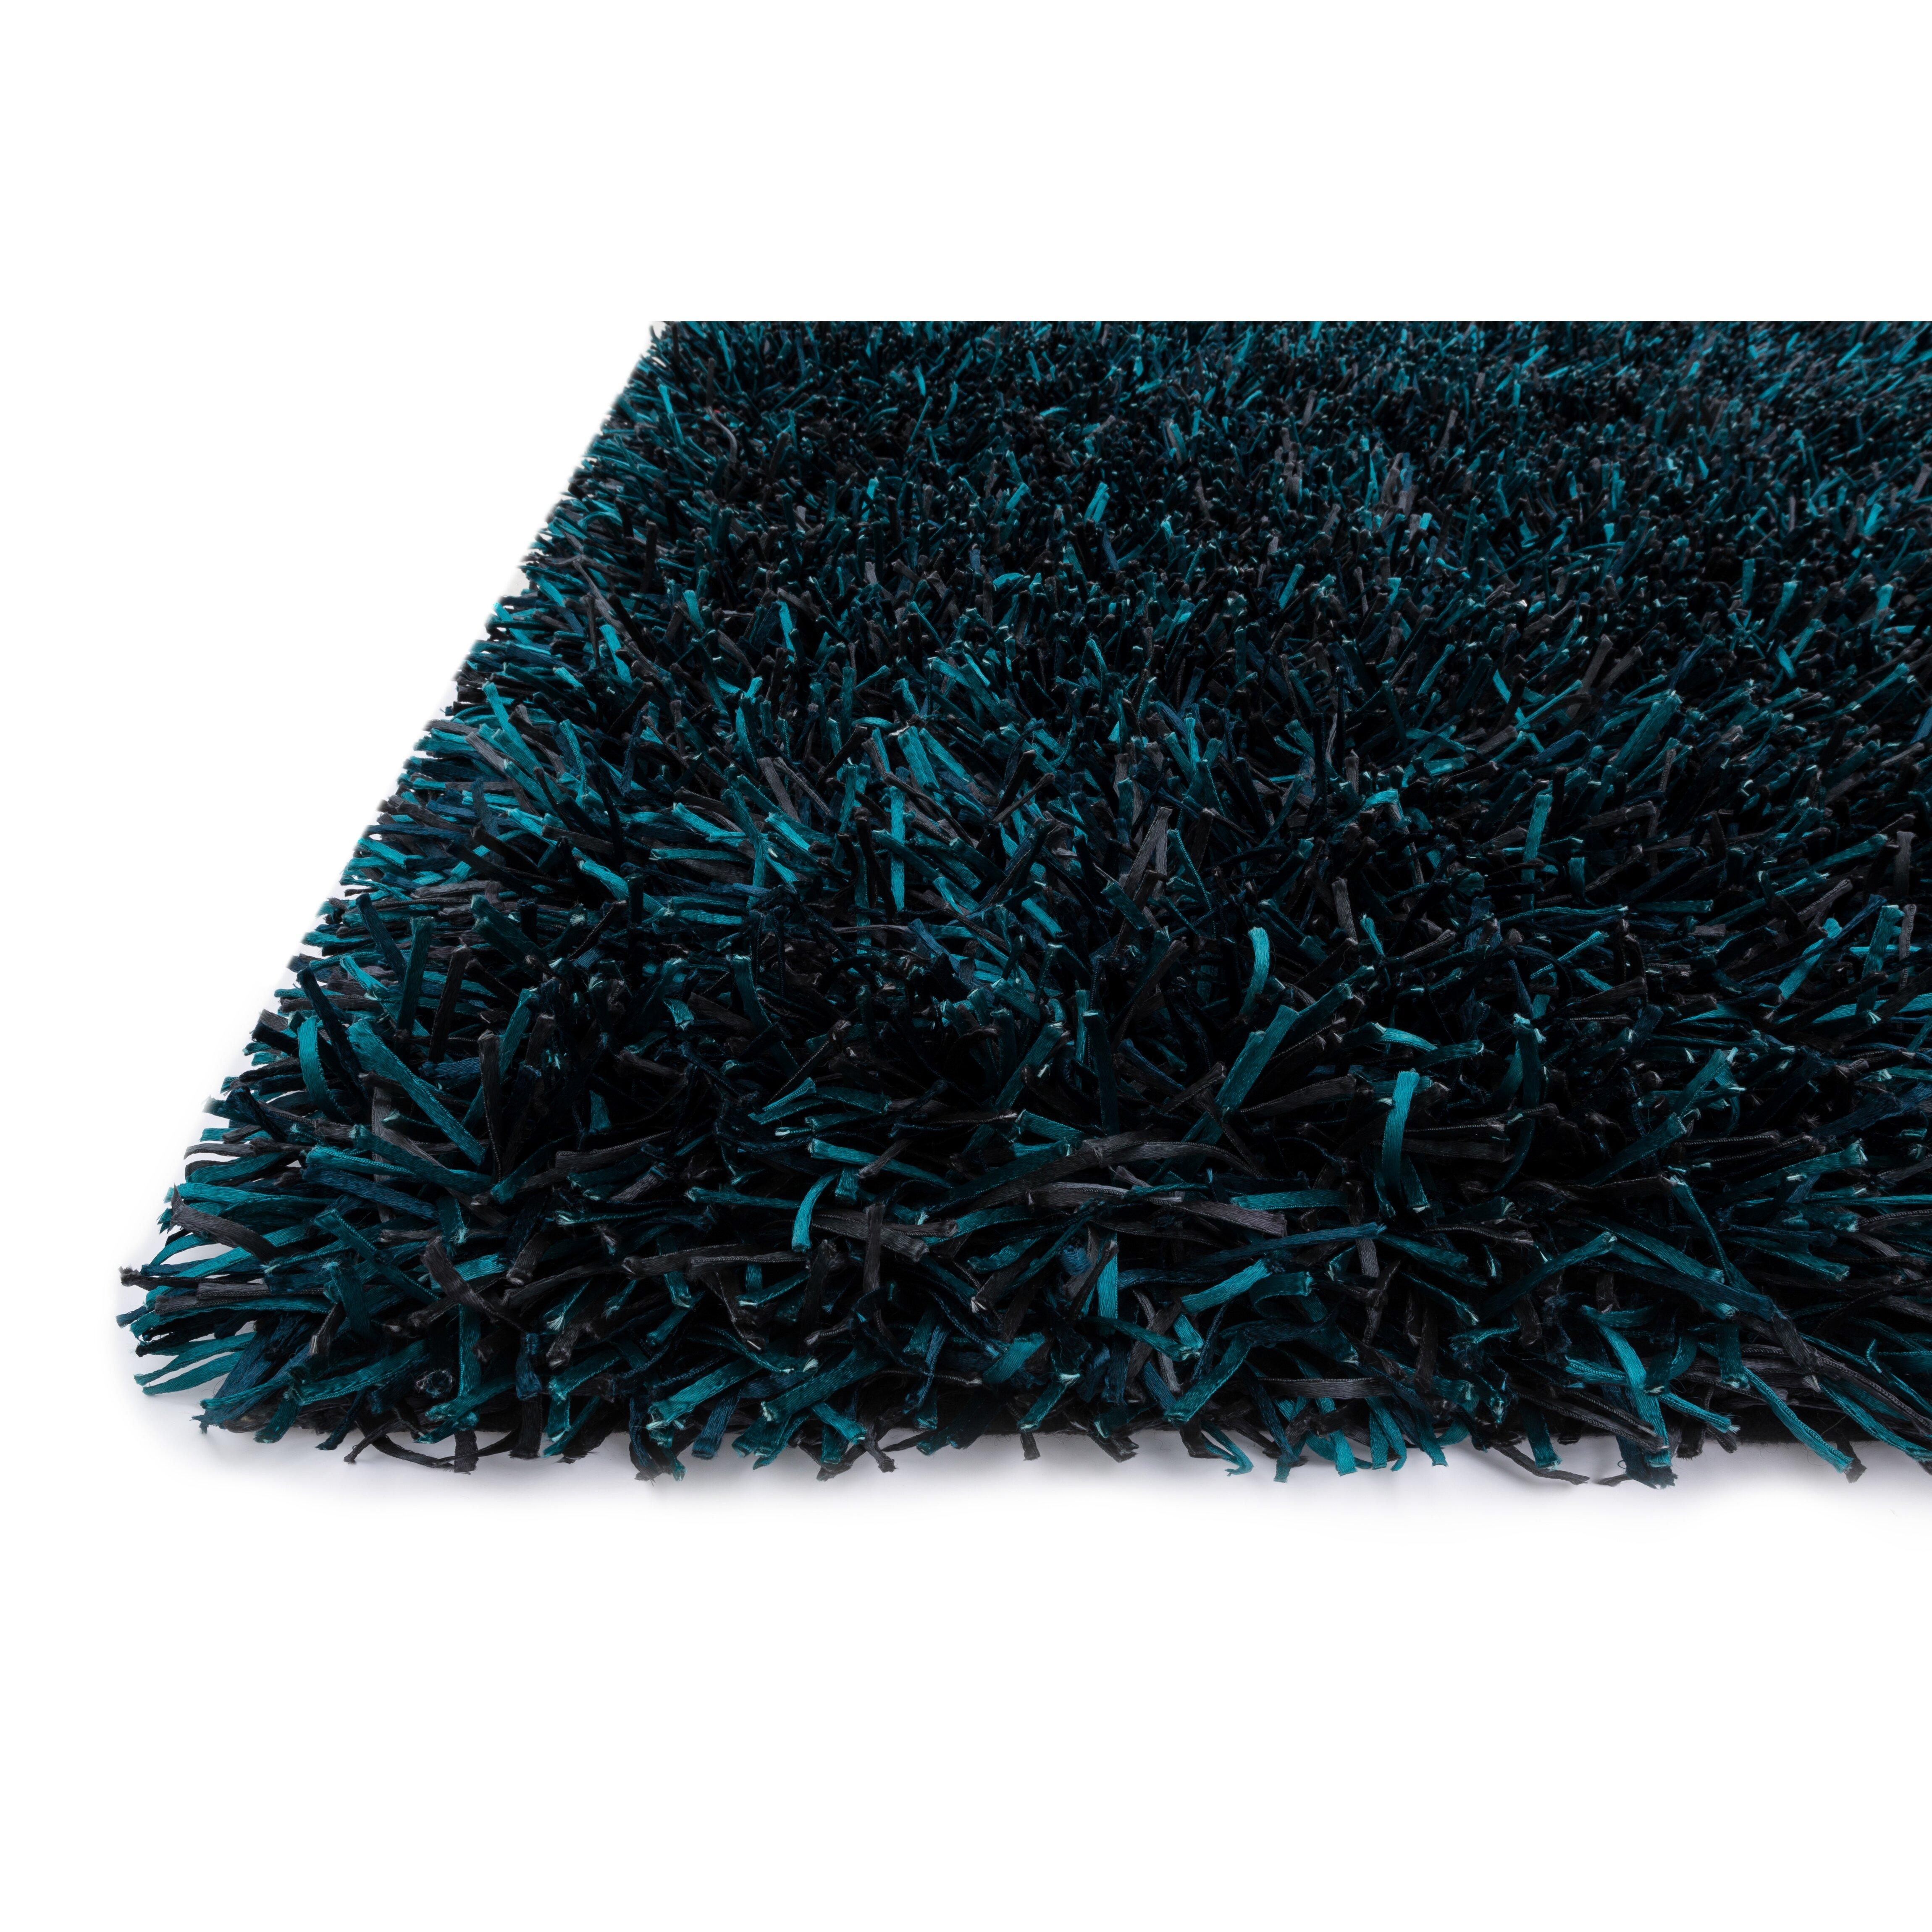 Peacock bathroom rug